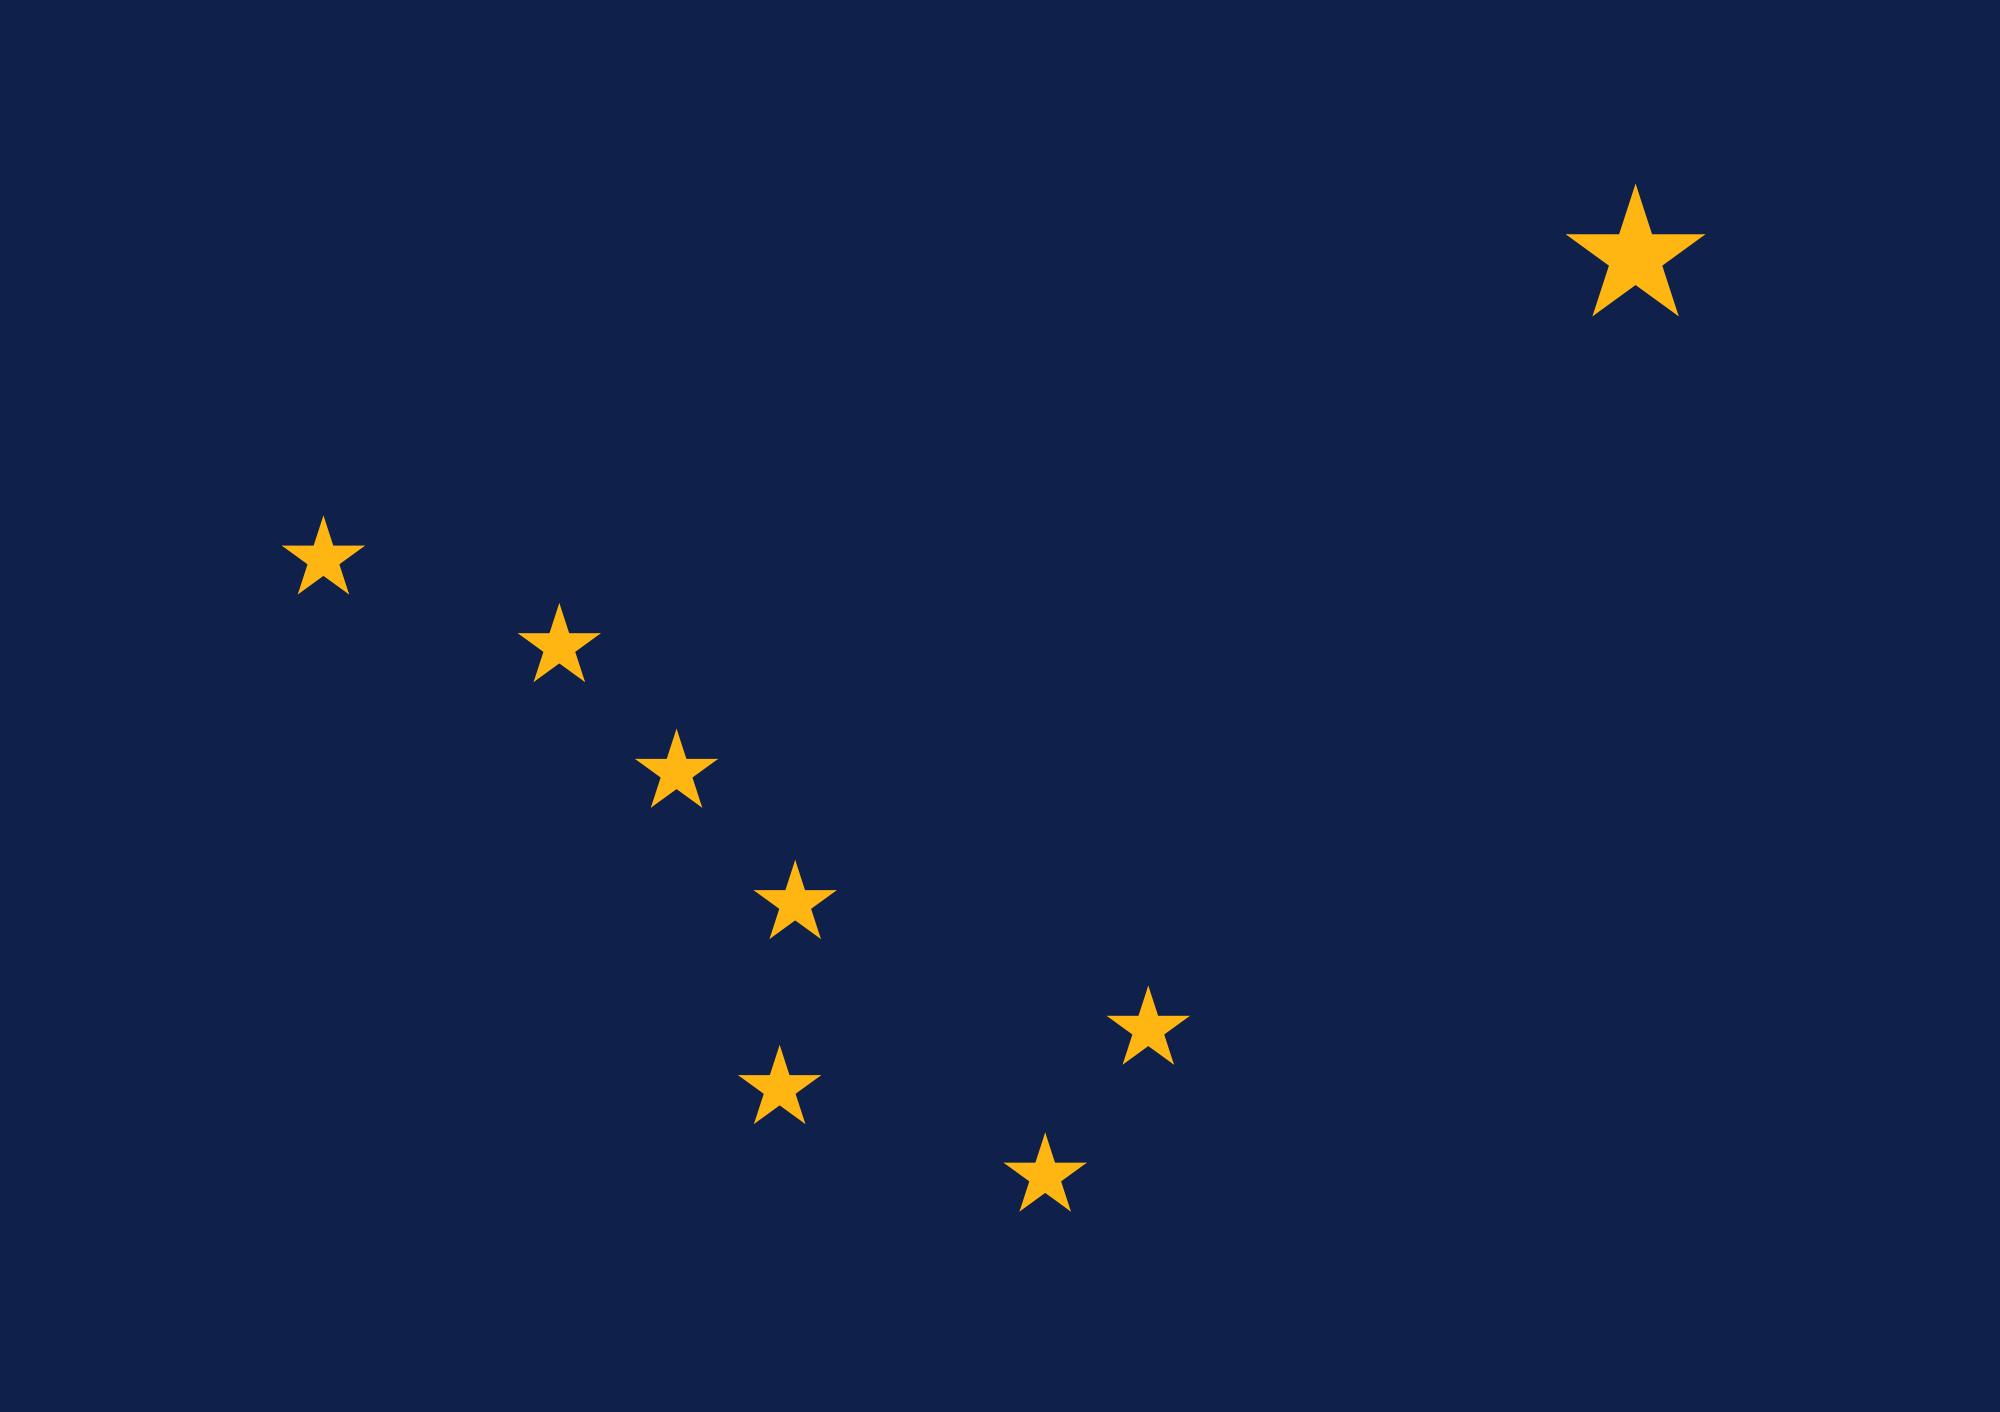 Bandera Alaska (US)